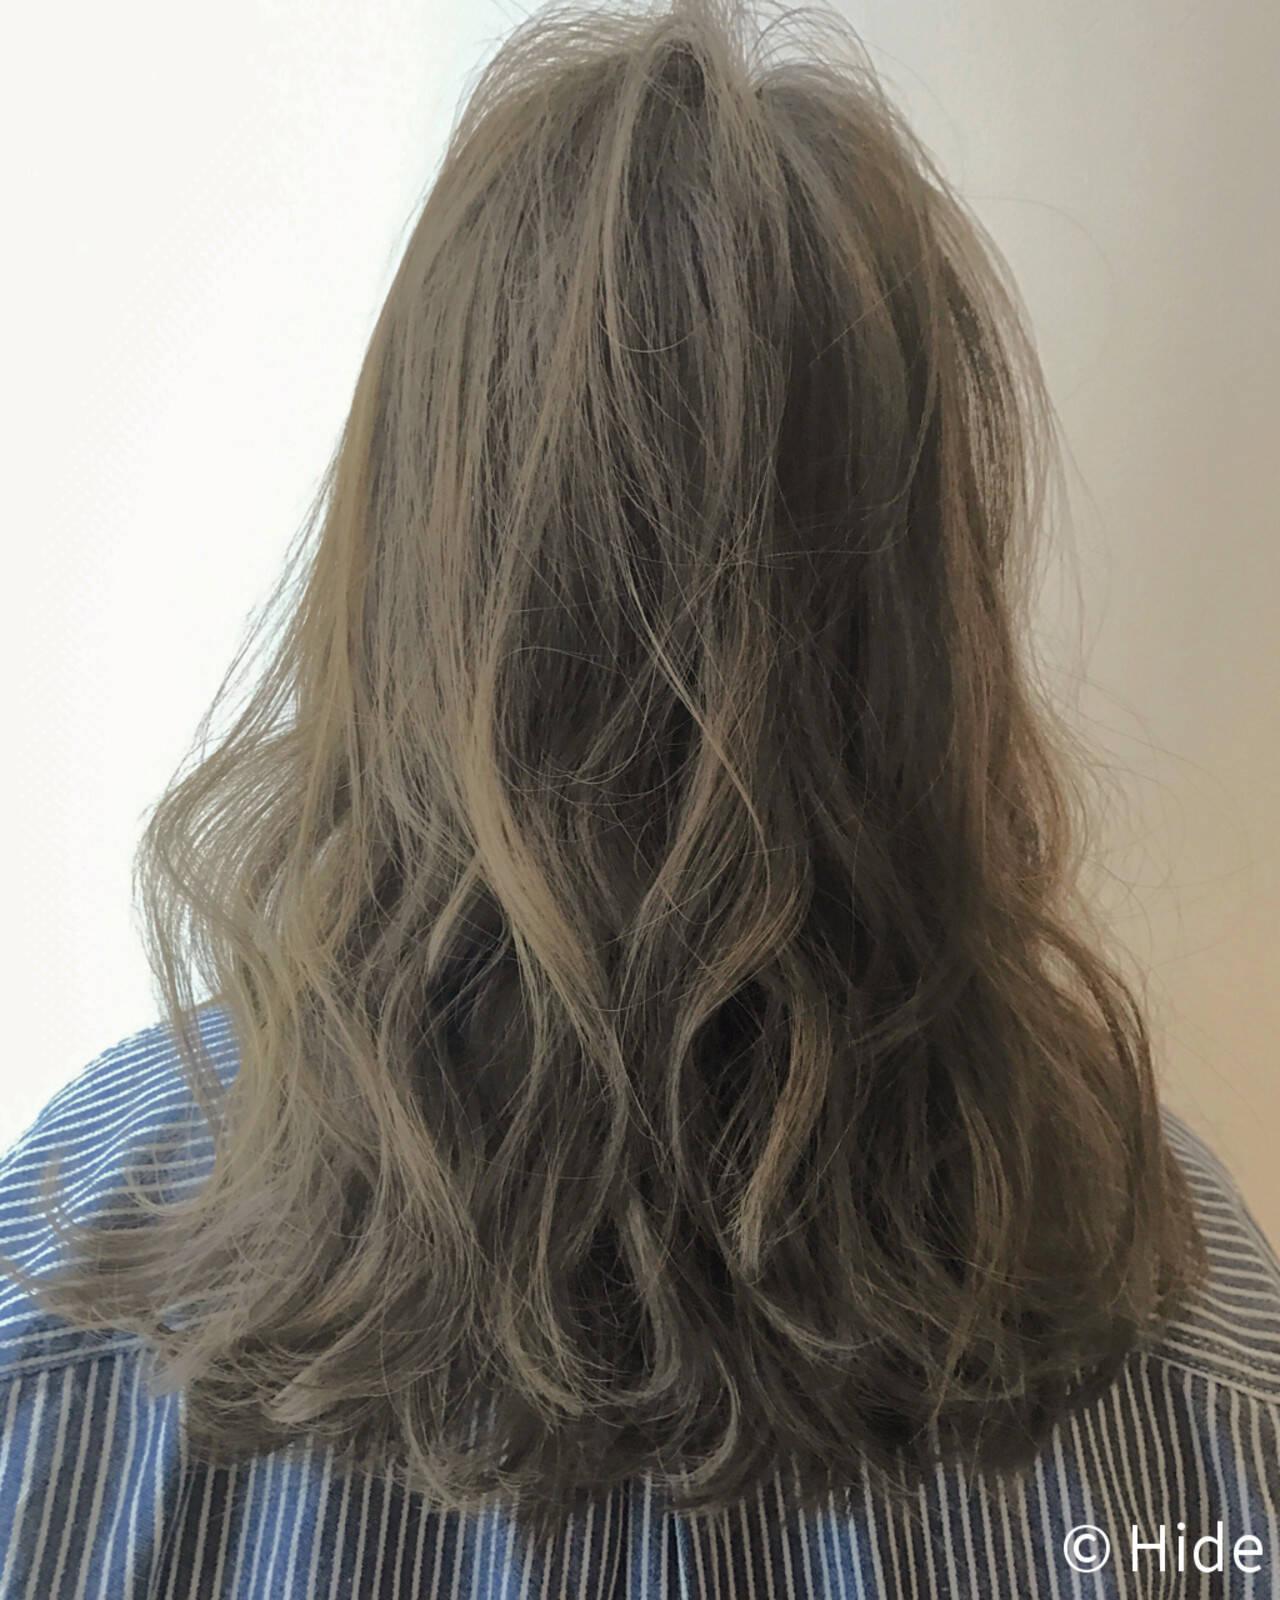 オフィス ナチュラル ウェーブ セミロングヘアスタイルや髪型の写真・画像